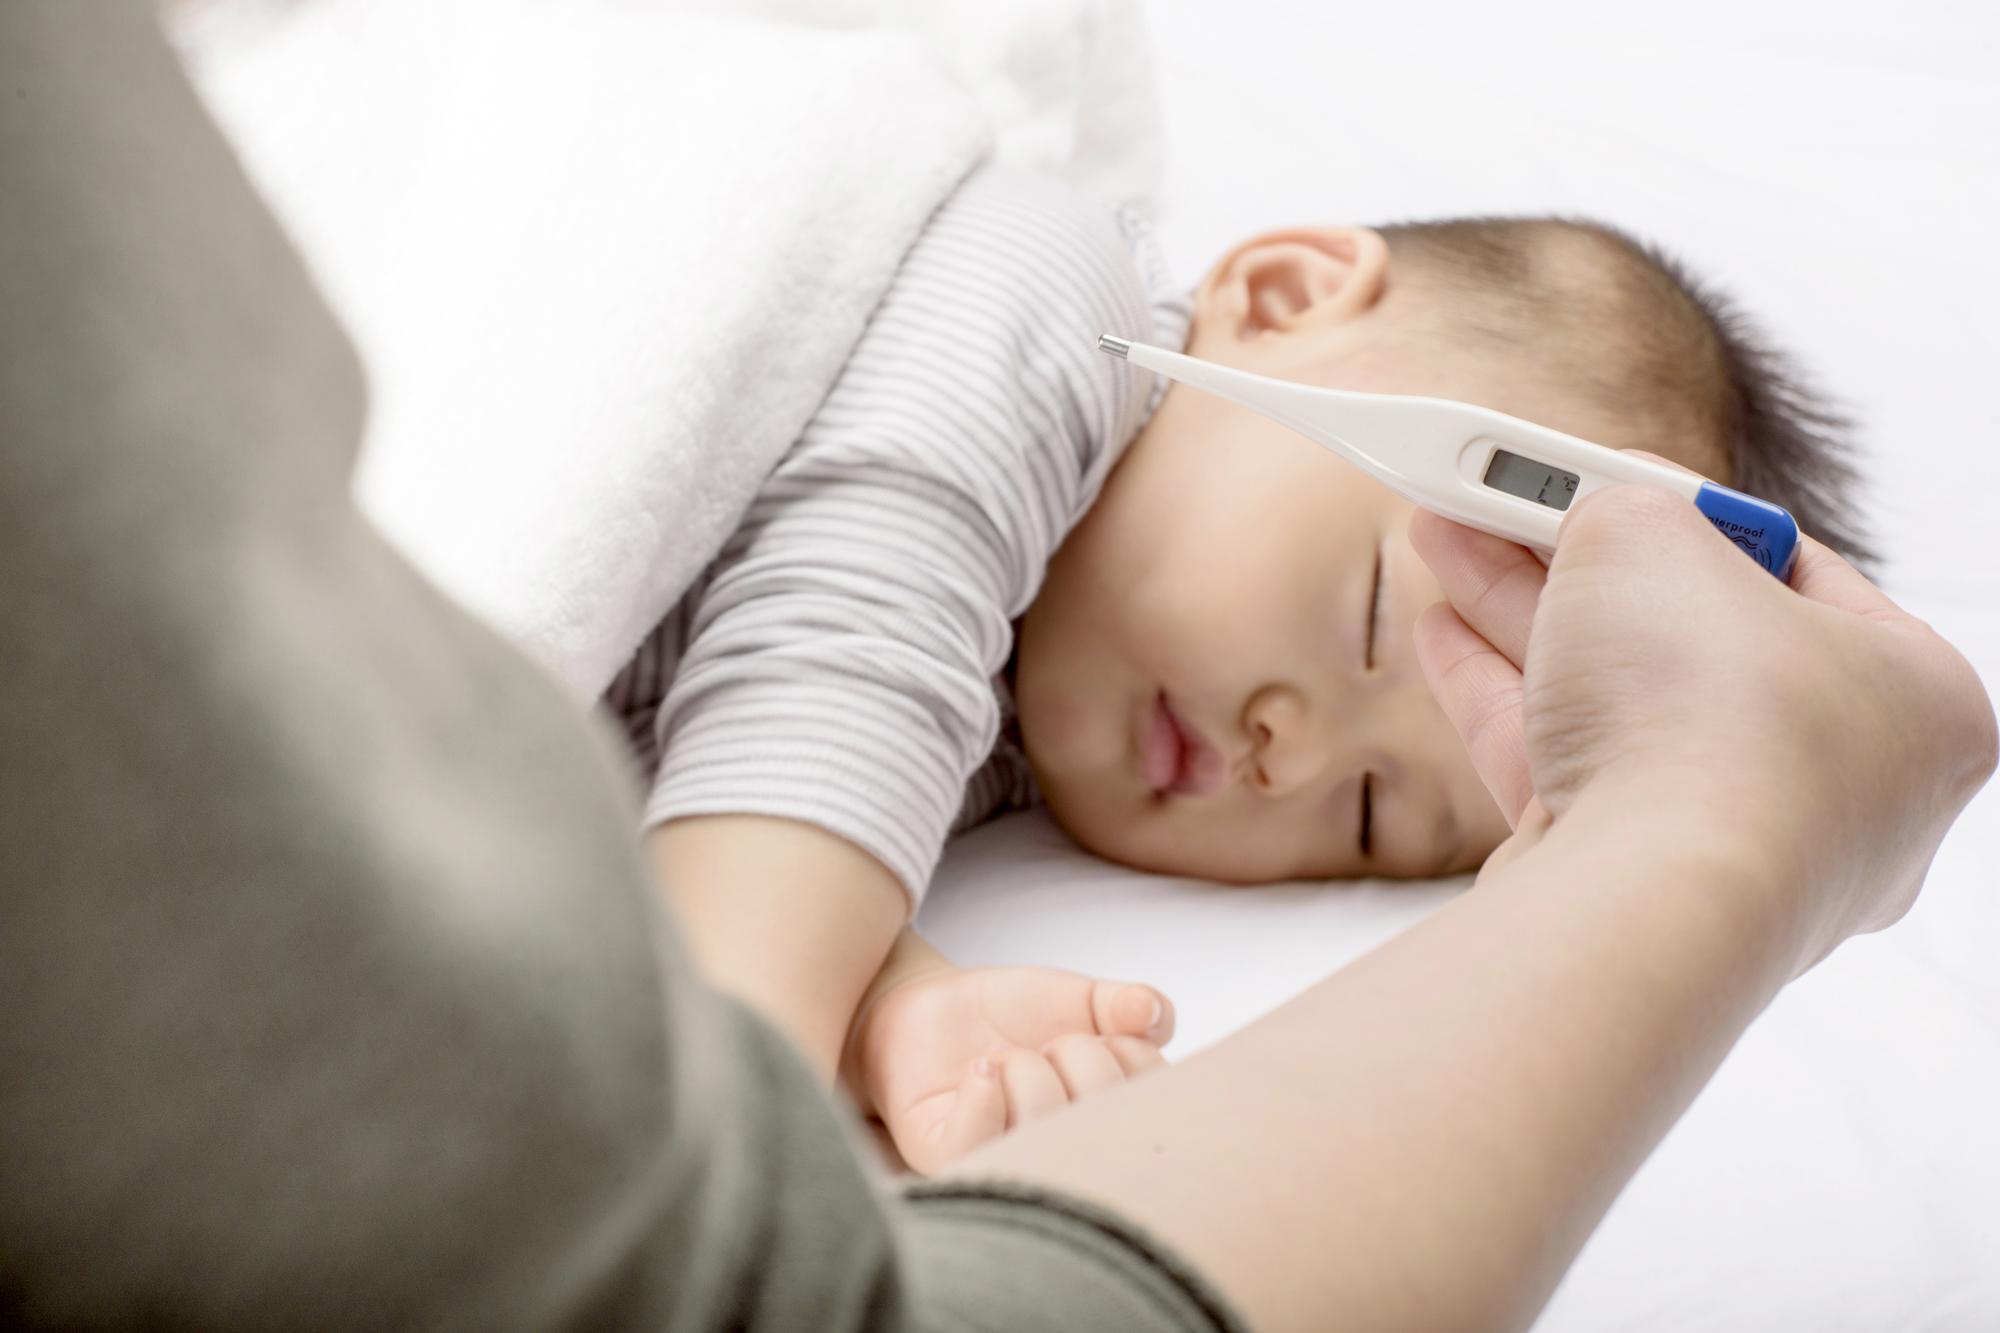 溶連菌 赤ちゃん